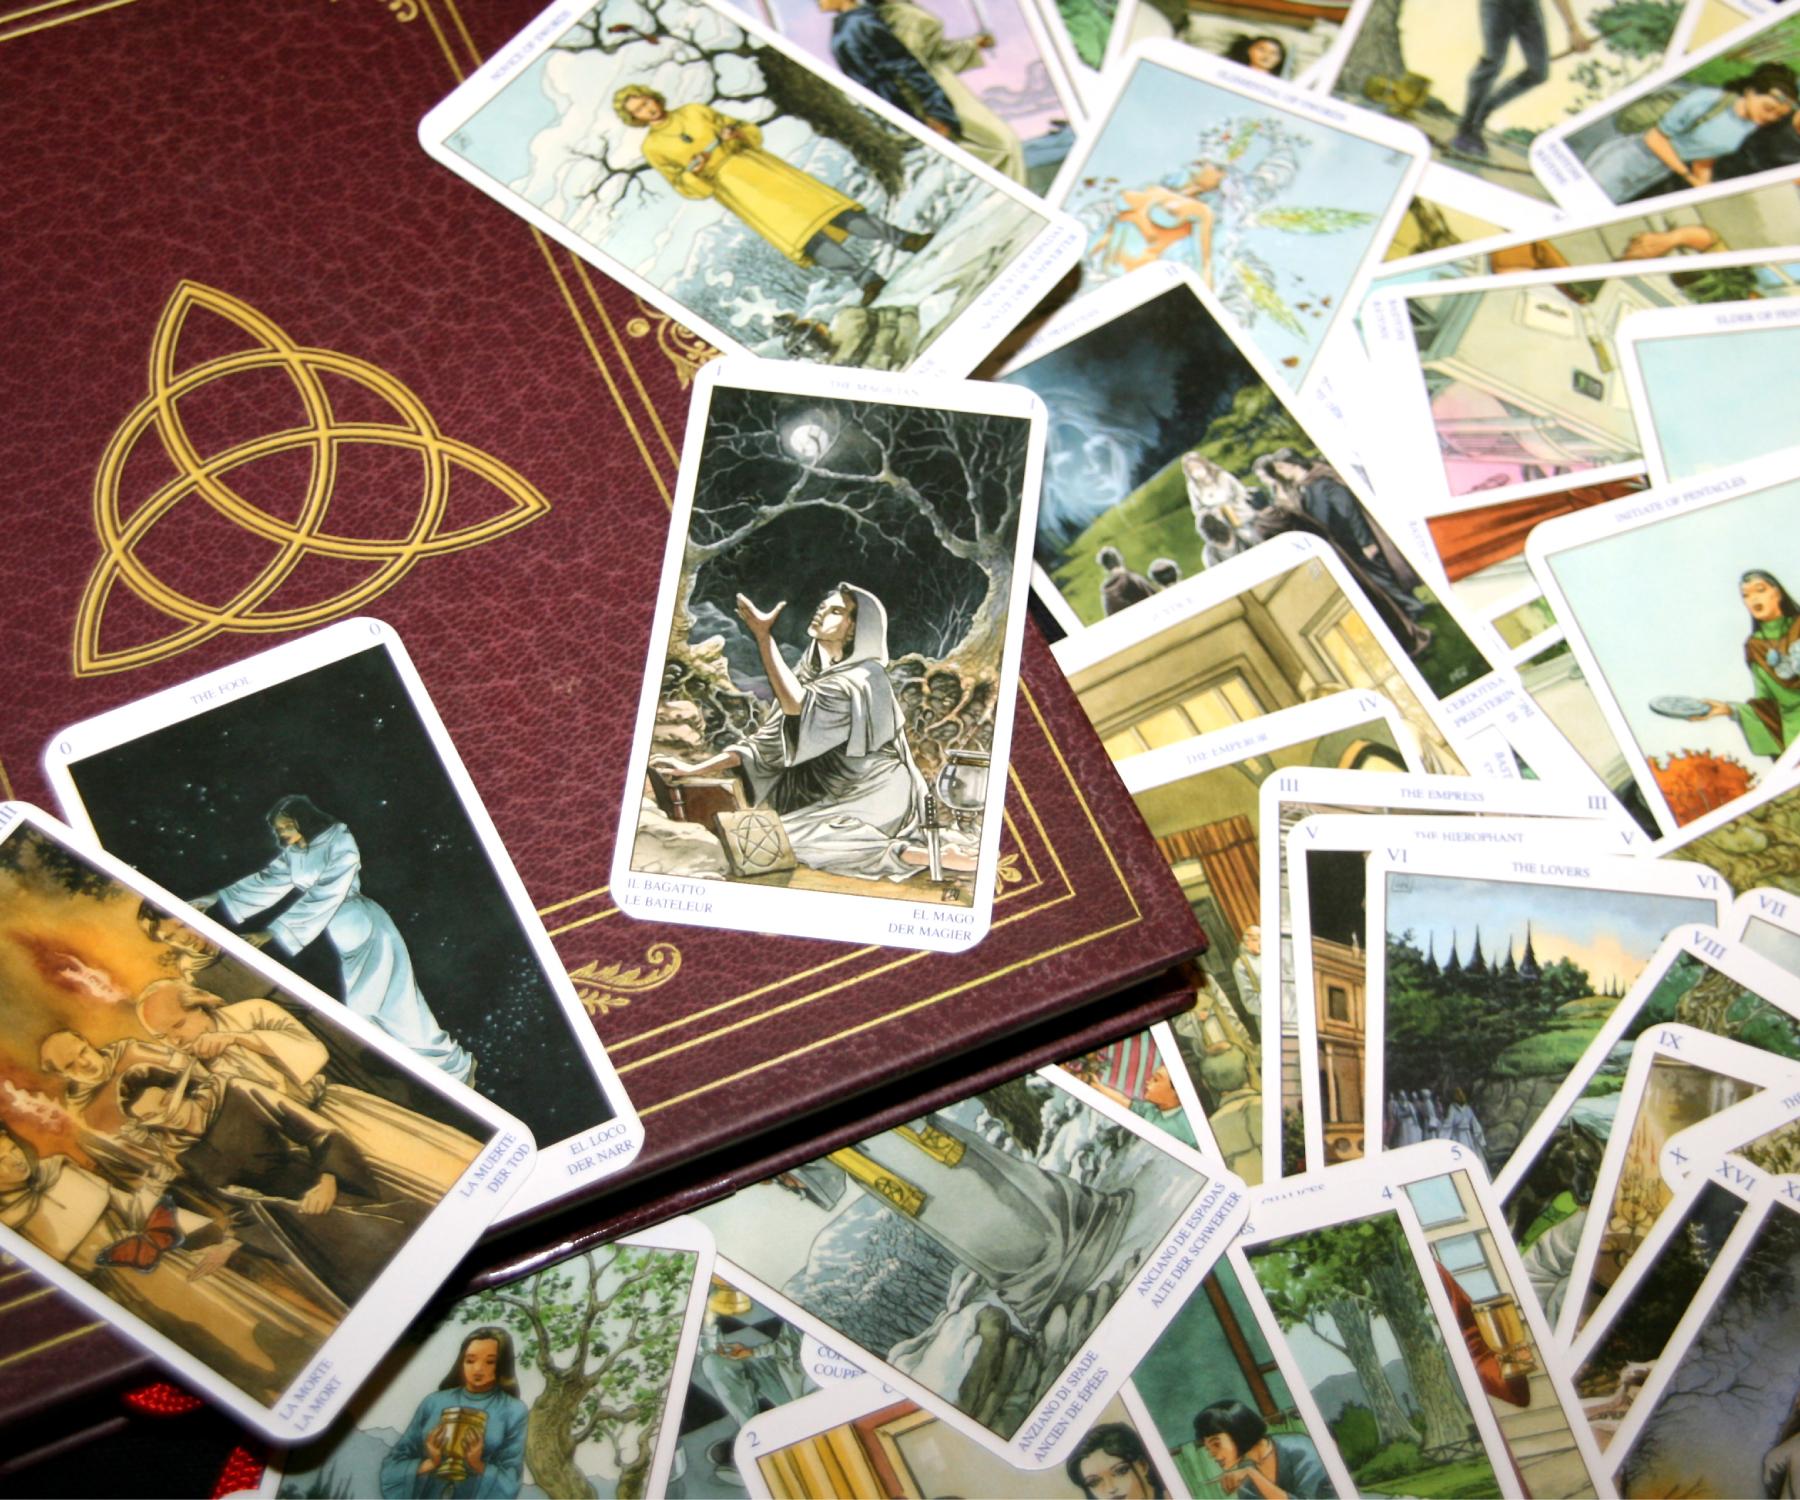 Neshla Avey monthly psychic workshop